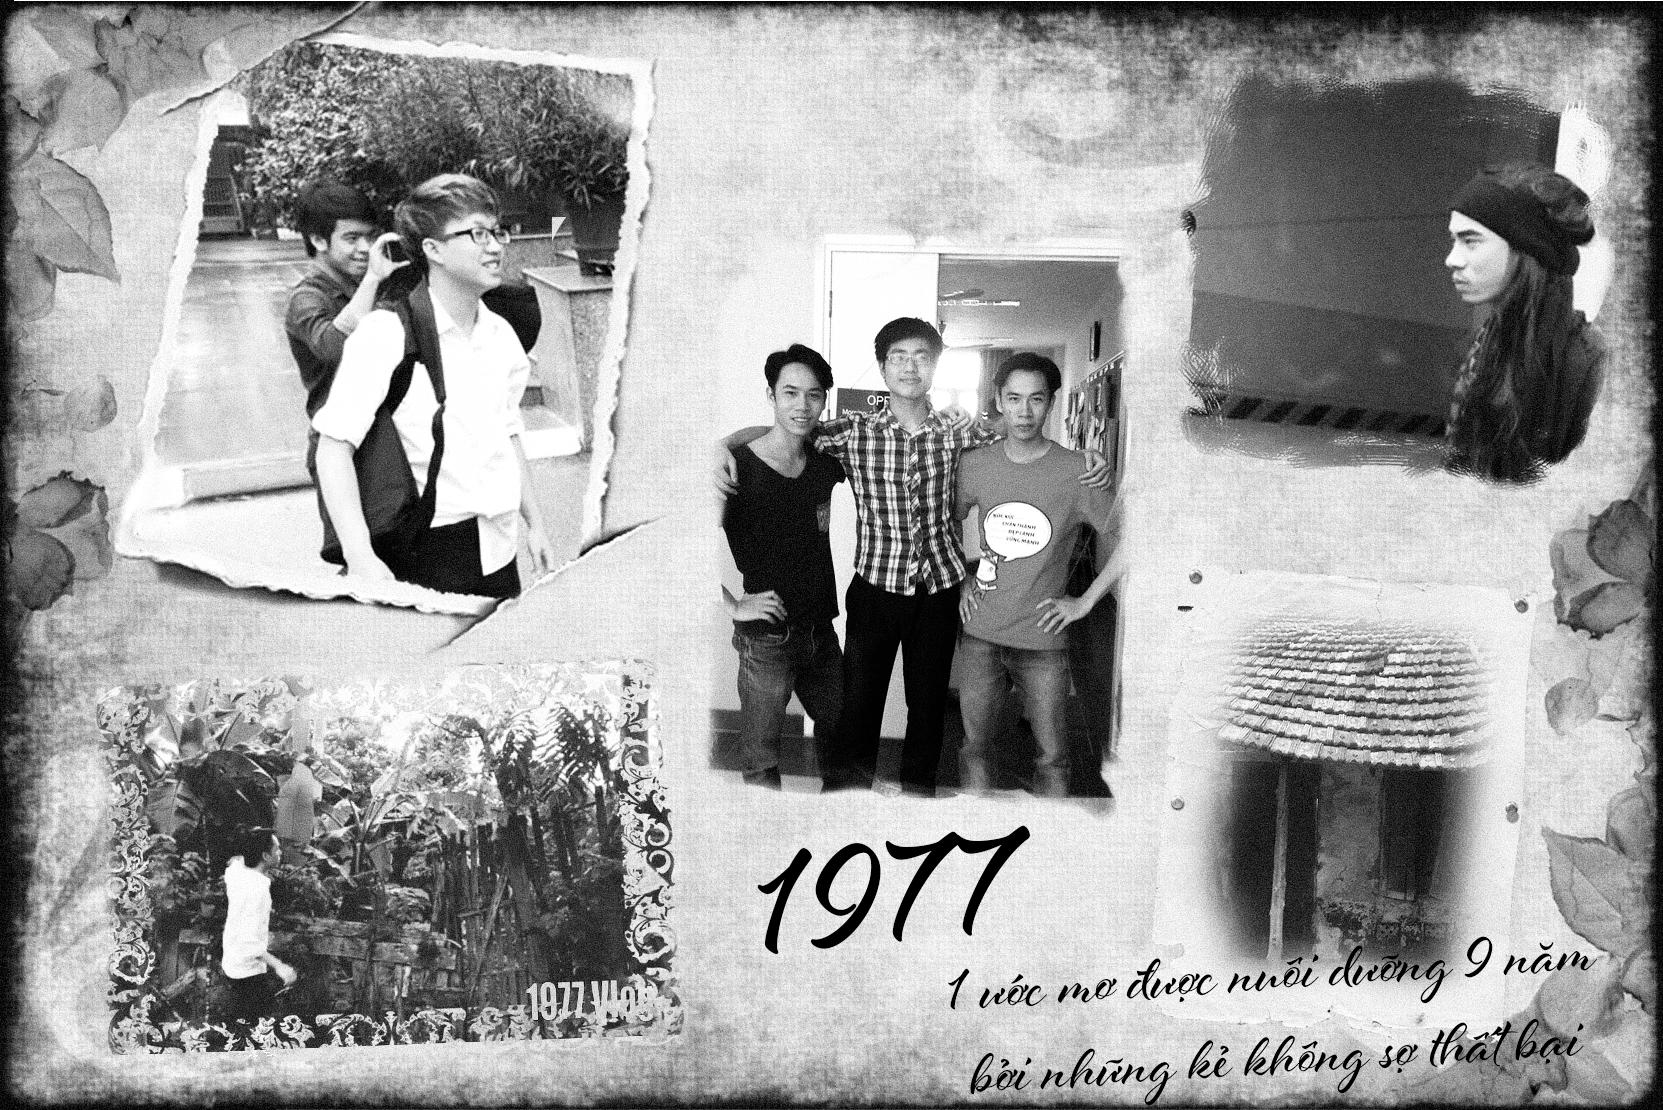 1977 Vlog: 1 ước mơ được nuôi dưỡng 9 năm của những kẻ không sợ thất bại - Ảnh 9.